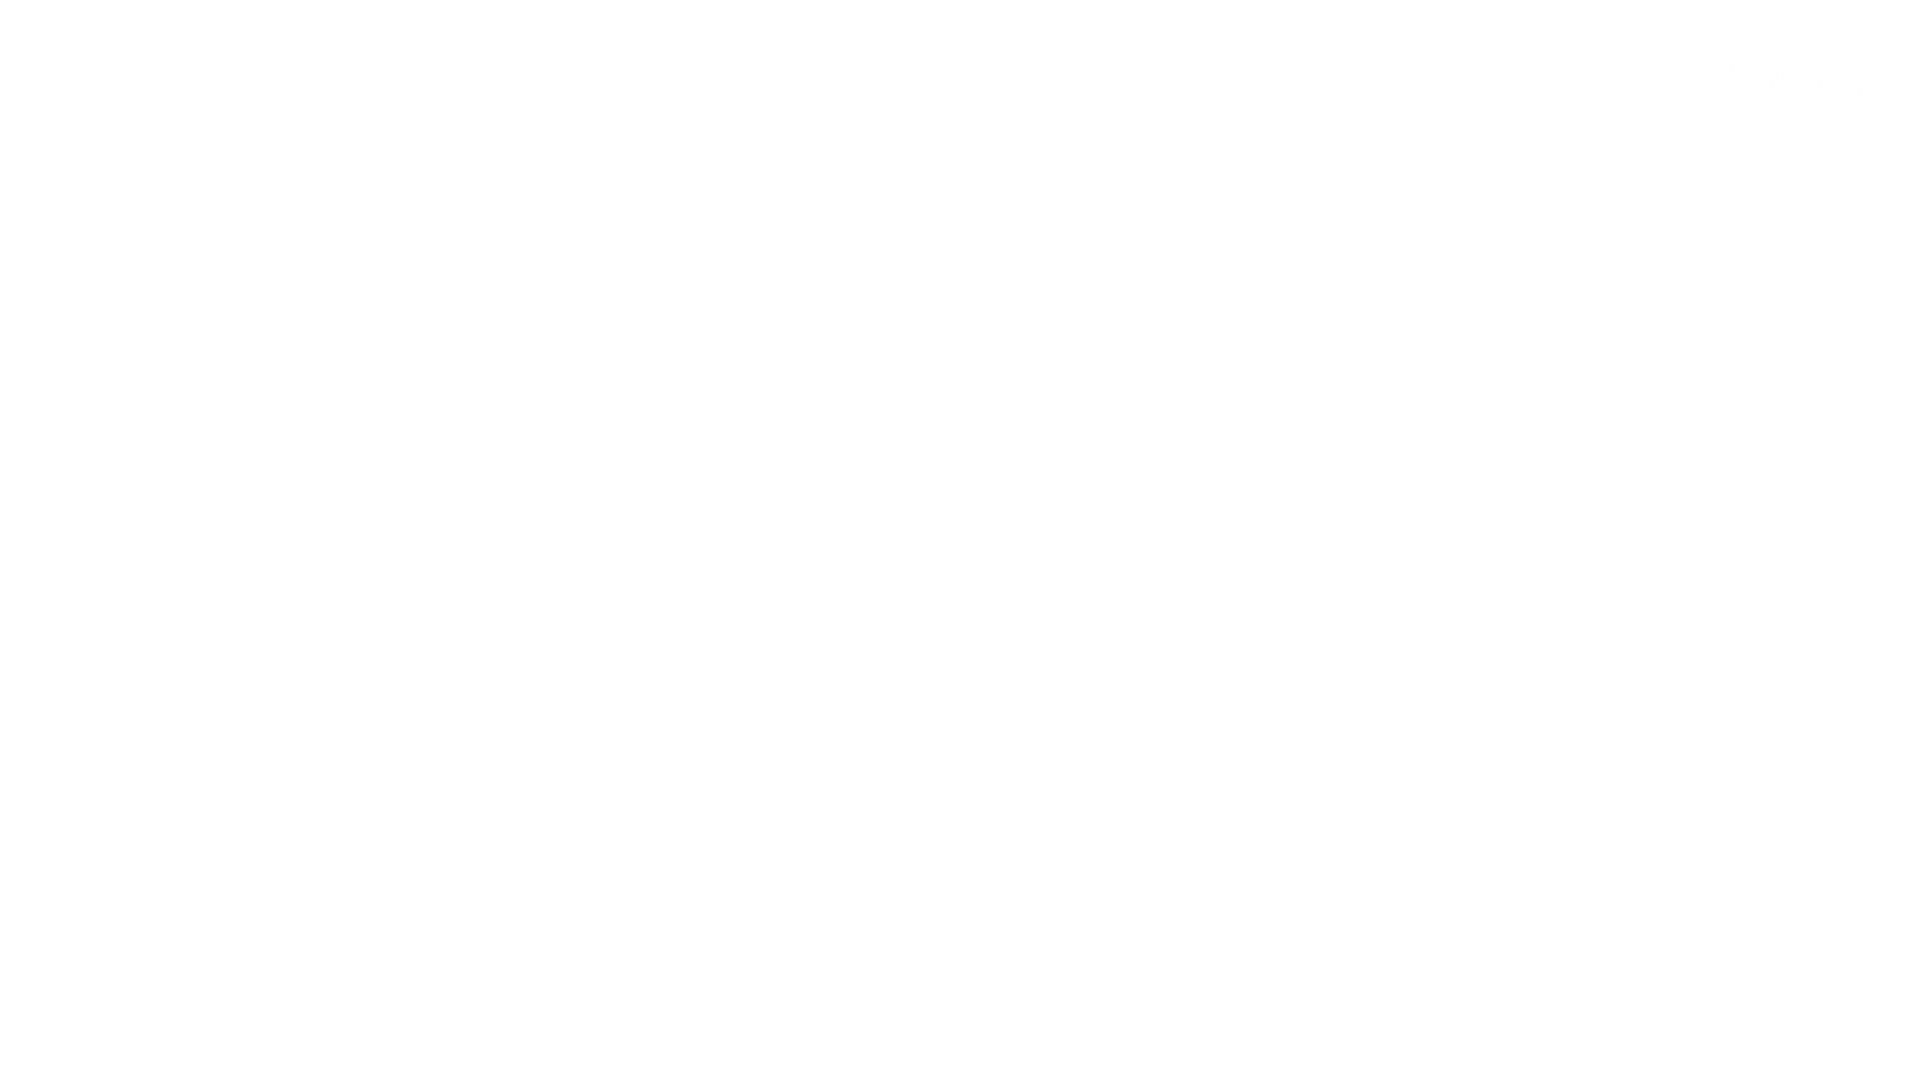 至高下半身盗撮-PREMIUM-【院内病棟編 】 vol.01 OLエロ画像 盗撮AV動画キャプチャ 38PICs 12